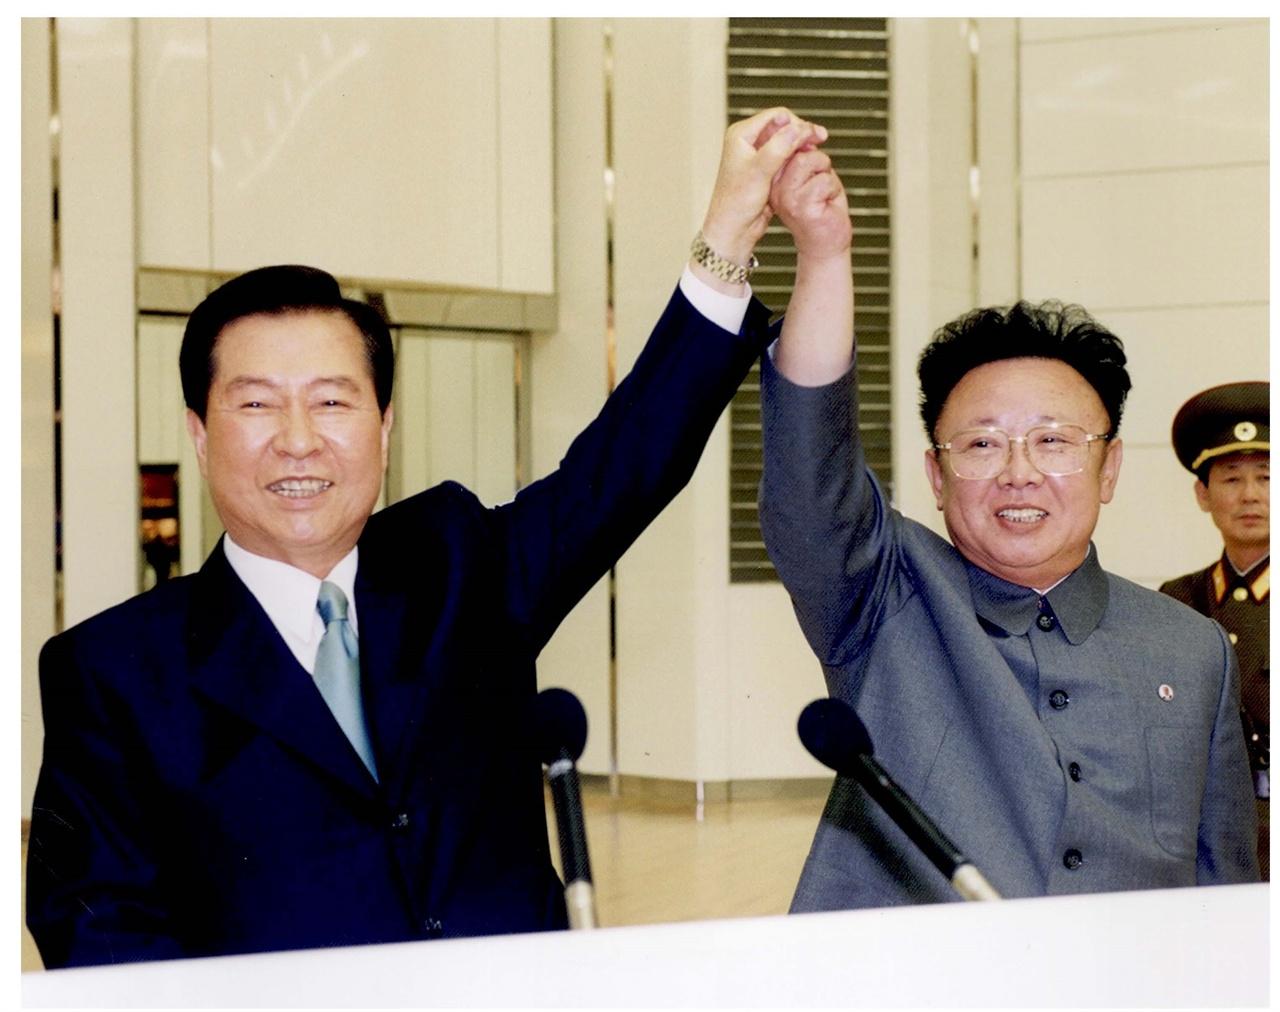 6.15 공동선언 합의 이후 6.15 공동선언 합의를 축하하기 위해 맞잡은 두 손을 올리며 환하게 웃고 있는 김대중 대통령과 김정일 위원장